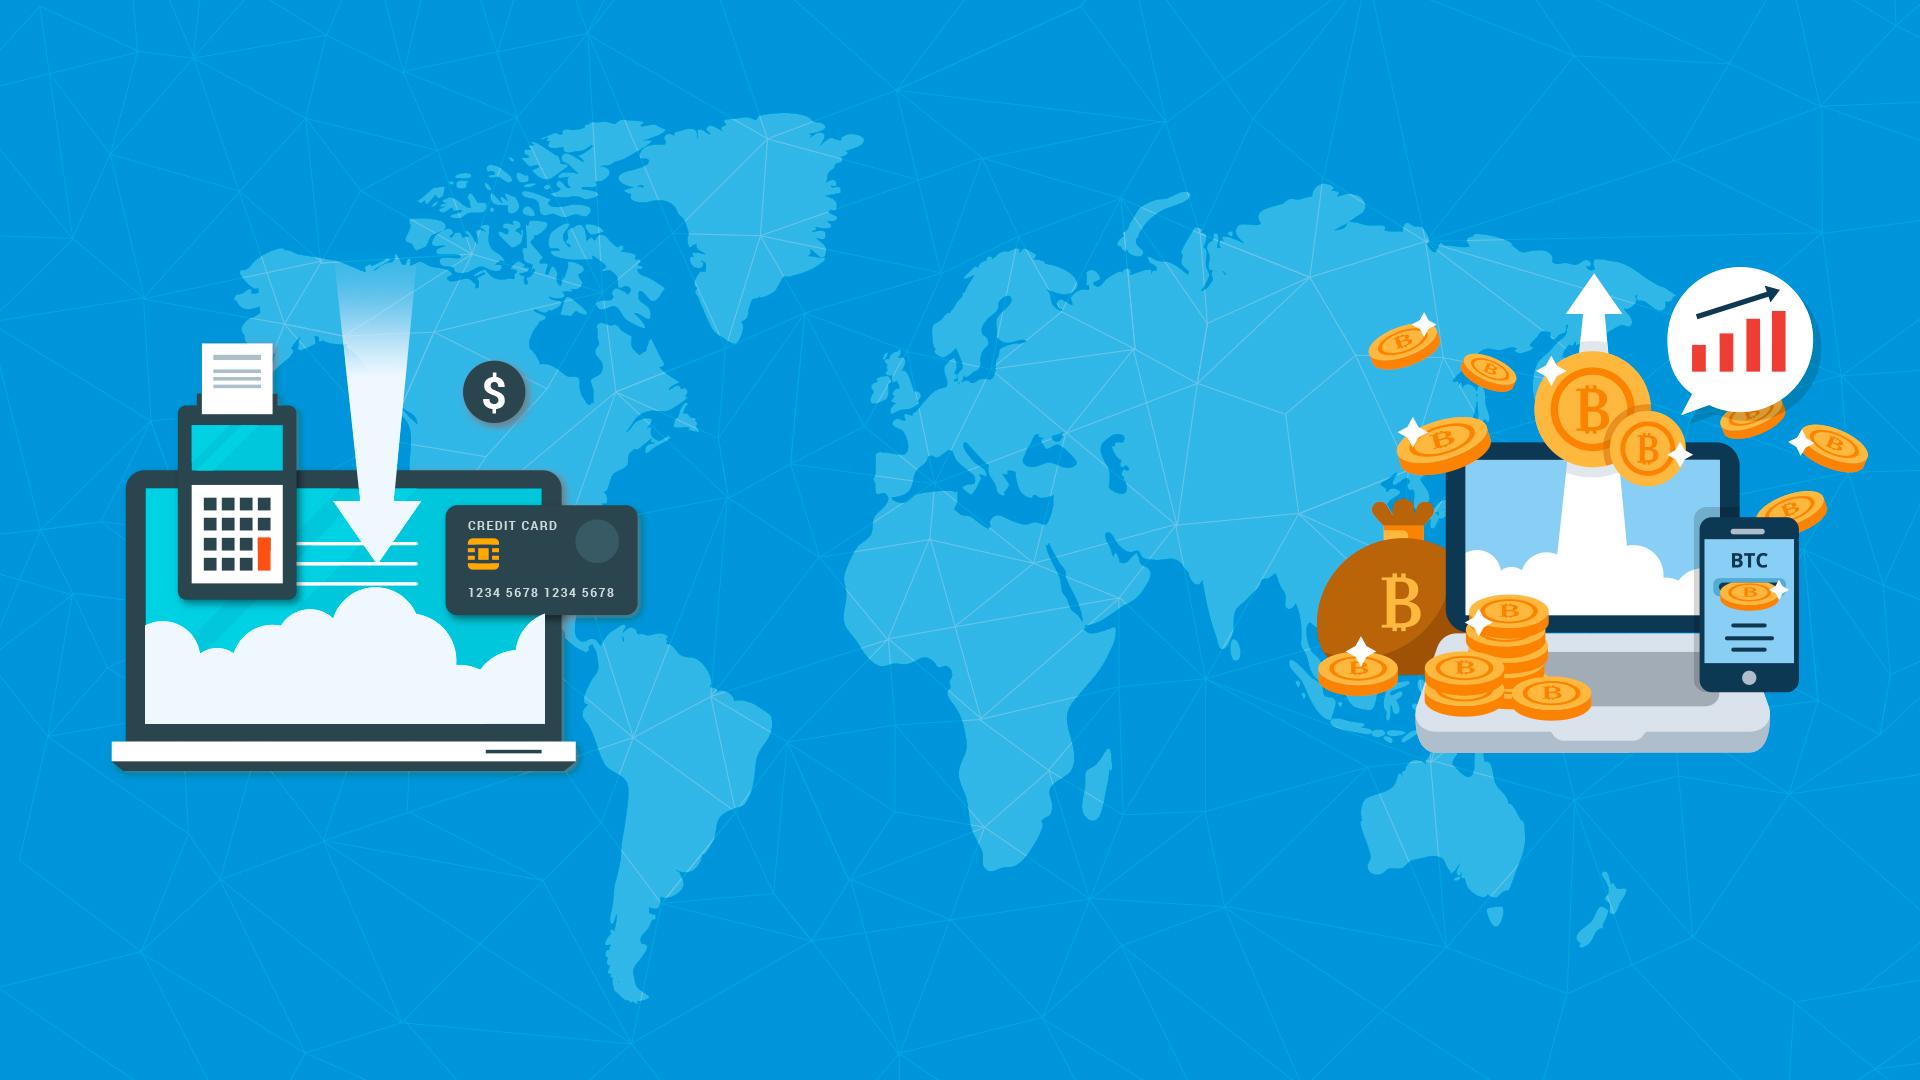 Earnings on cryptocurrency exchange